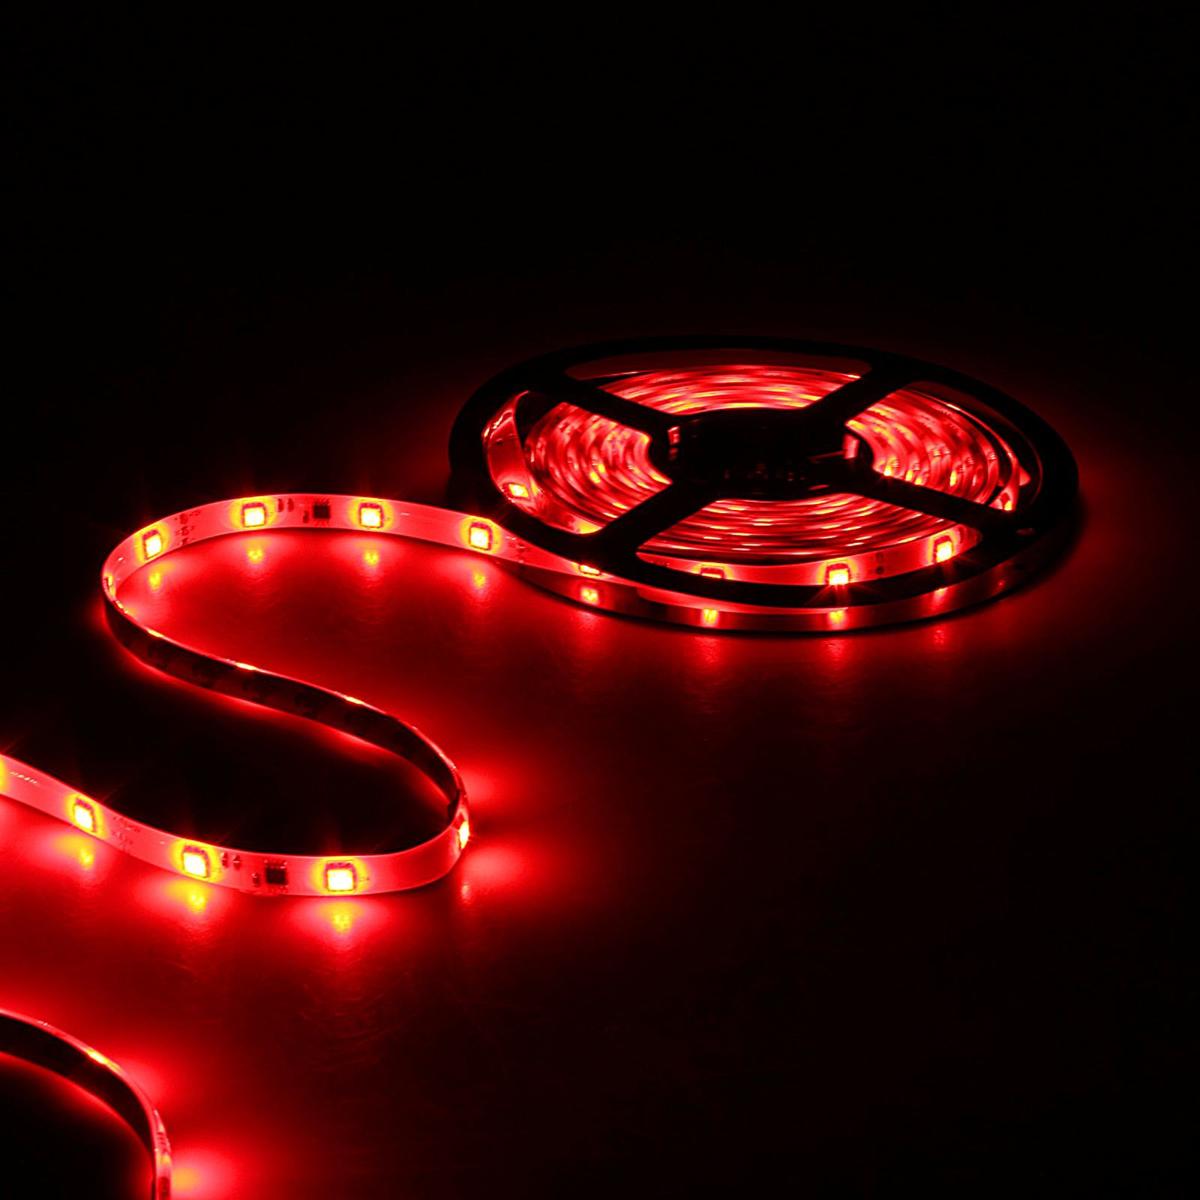 Светодиодная лента Sima-land, 12В, SMD5050, длина 5 м, IP65, 30 LED ламп, 7.2Вт/м, 10-12Л м/1 LED, DC, цвет: красный848580Светодиодные гирлянды, ленты и т.д — это отличный вариант для новогоднего оформления интерьера или фасада. С их помощью помещение любого размера можно превратить в праздничный зал, а внешние элементы зданий, украшенные ими, мгновенно станут напоминать очертания сказочного дворца. Такие украшения создают ауру предвкушения чуда. Деревья, фасады, витрины, окна и арки будто специально созданы, чтобы вы украсили их светящимися нитями.